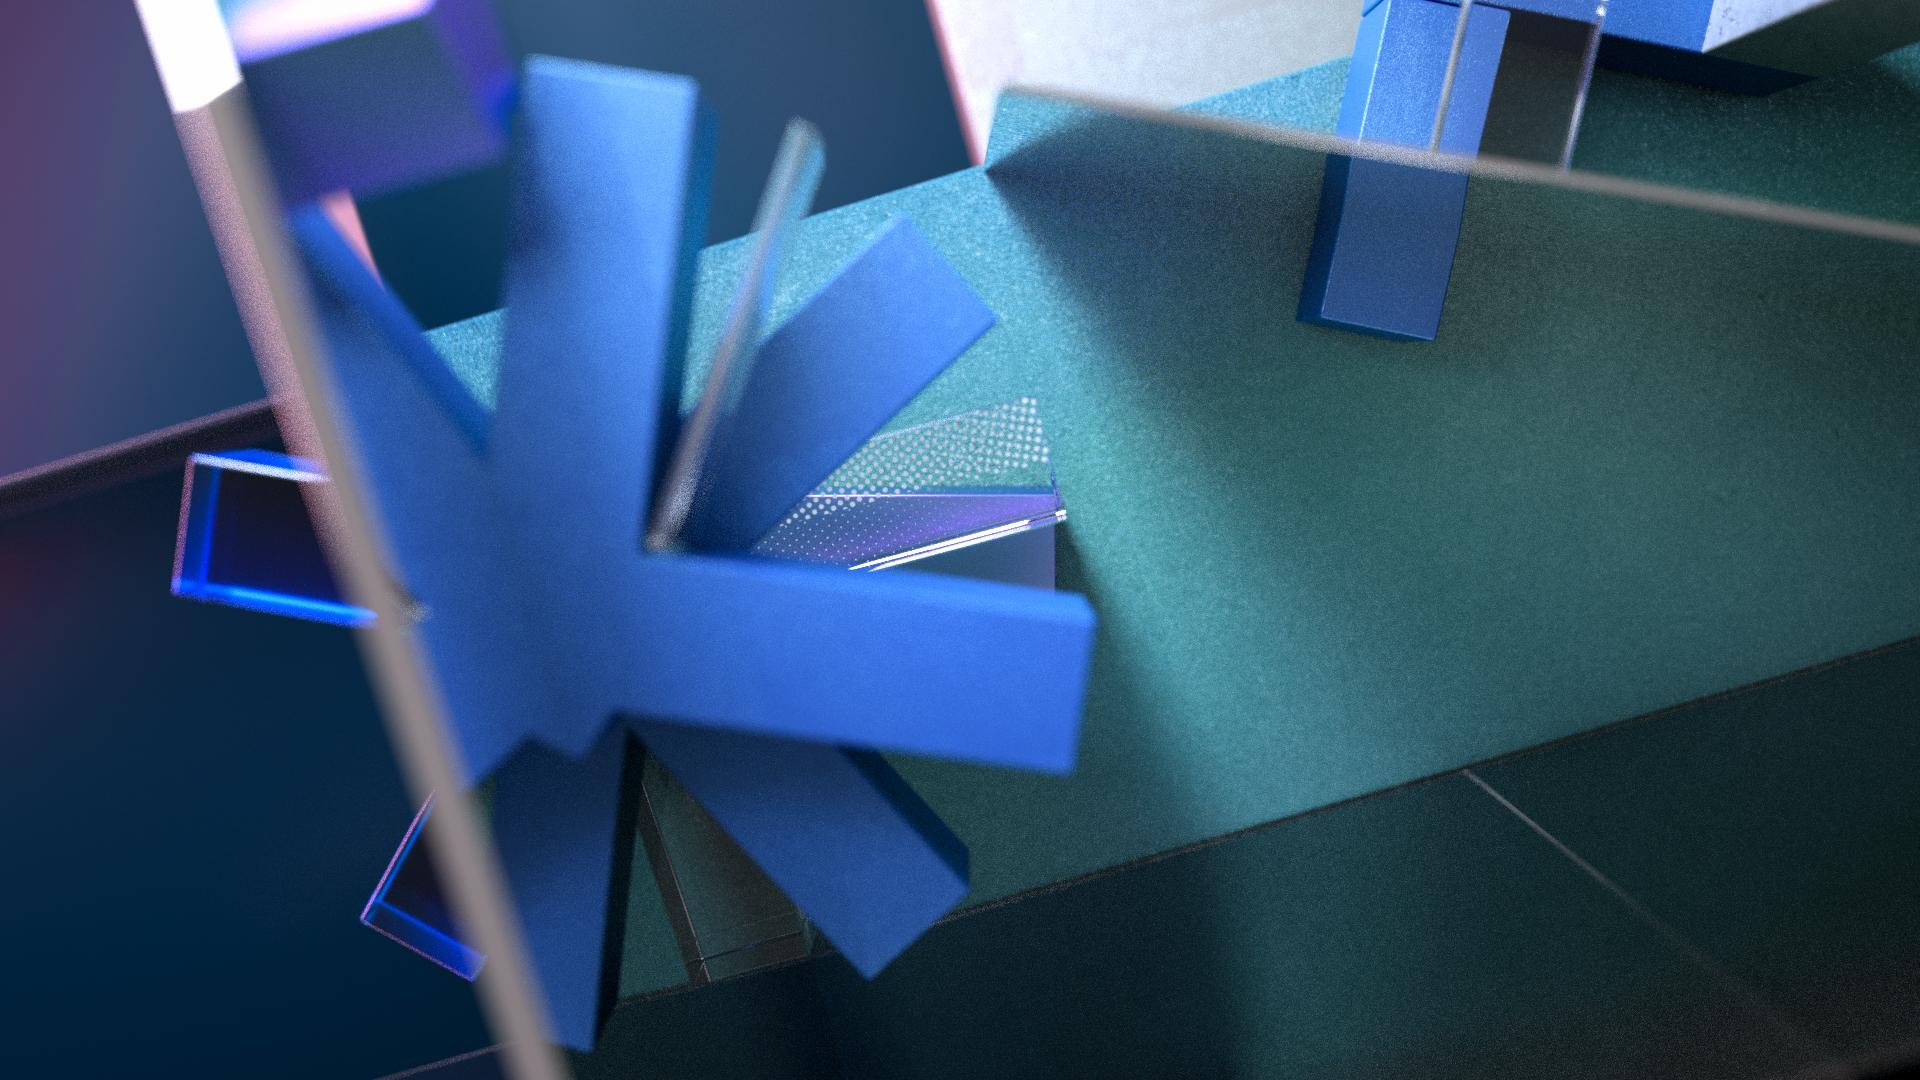 Opener_Frame03_v3 (00012).jpg